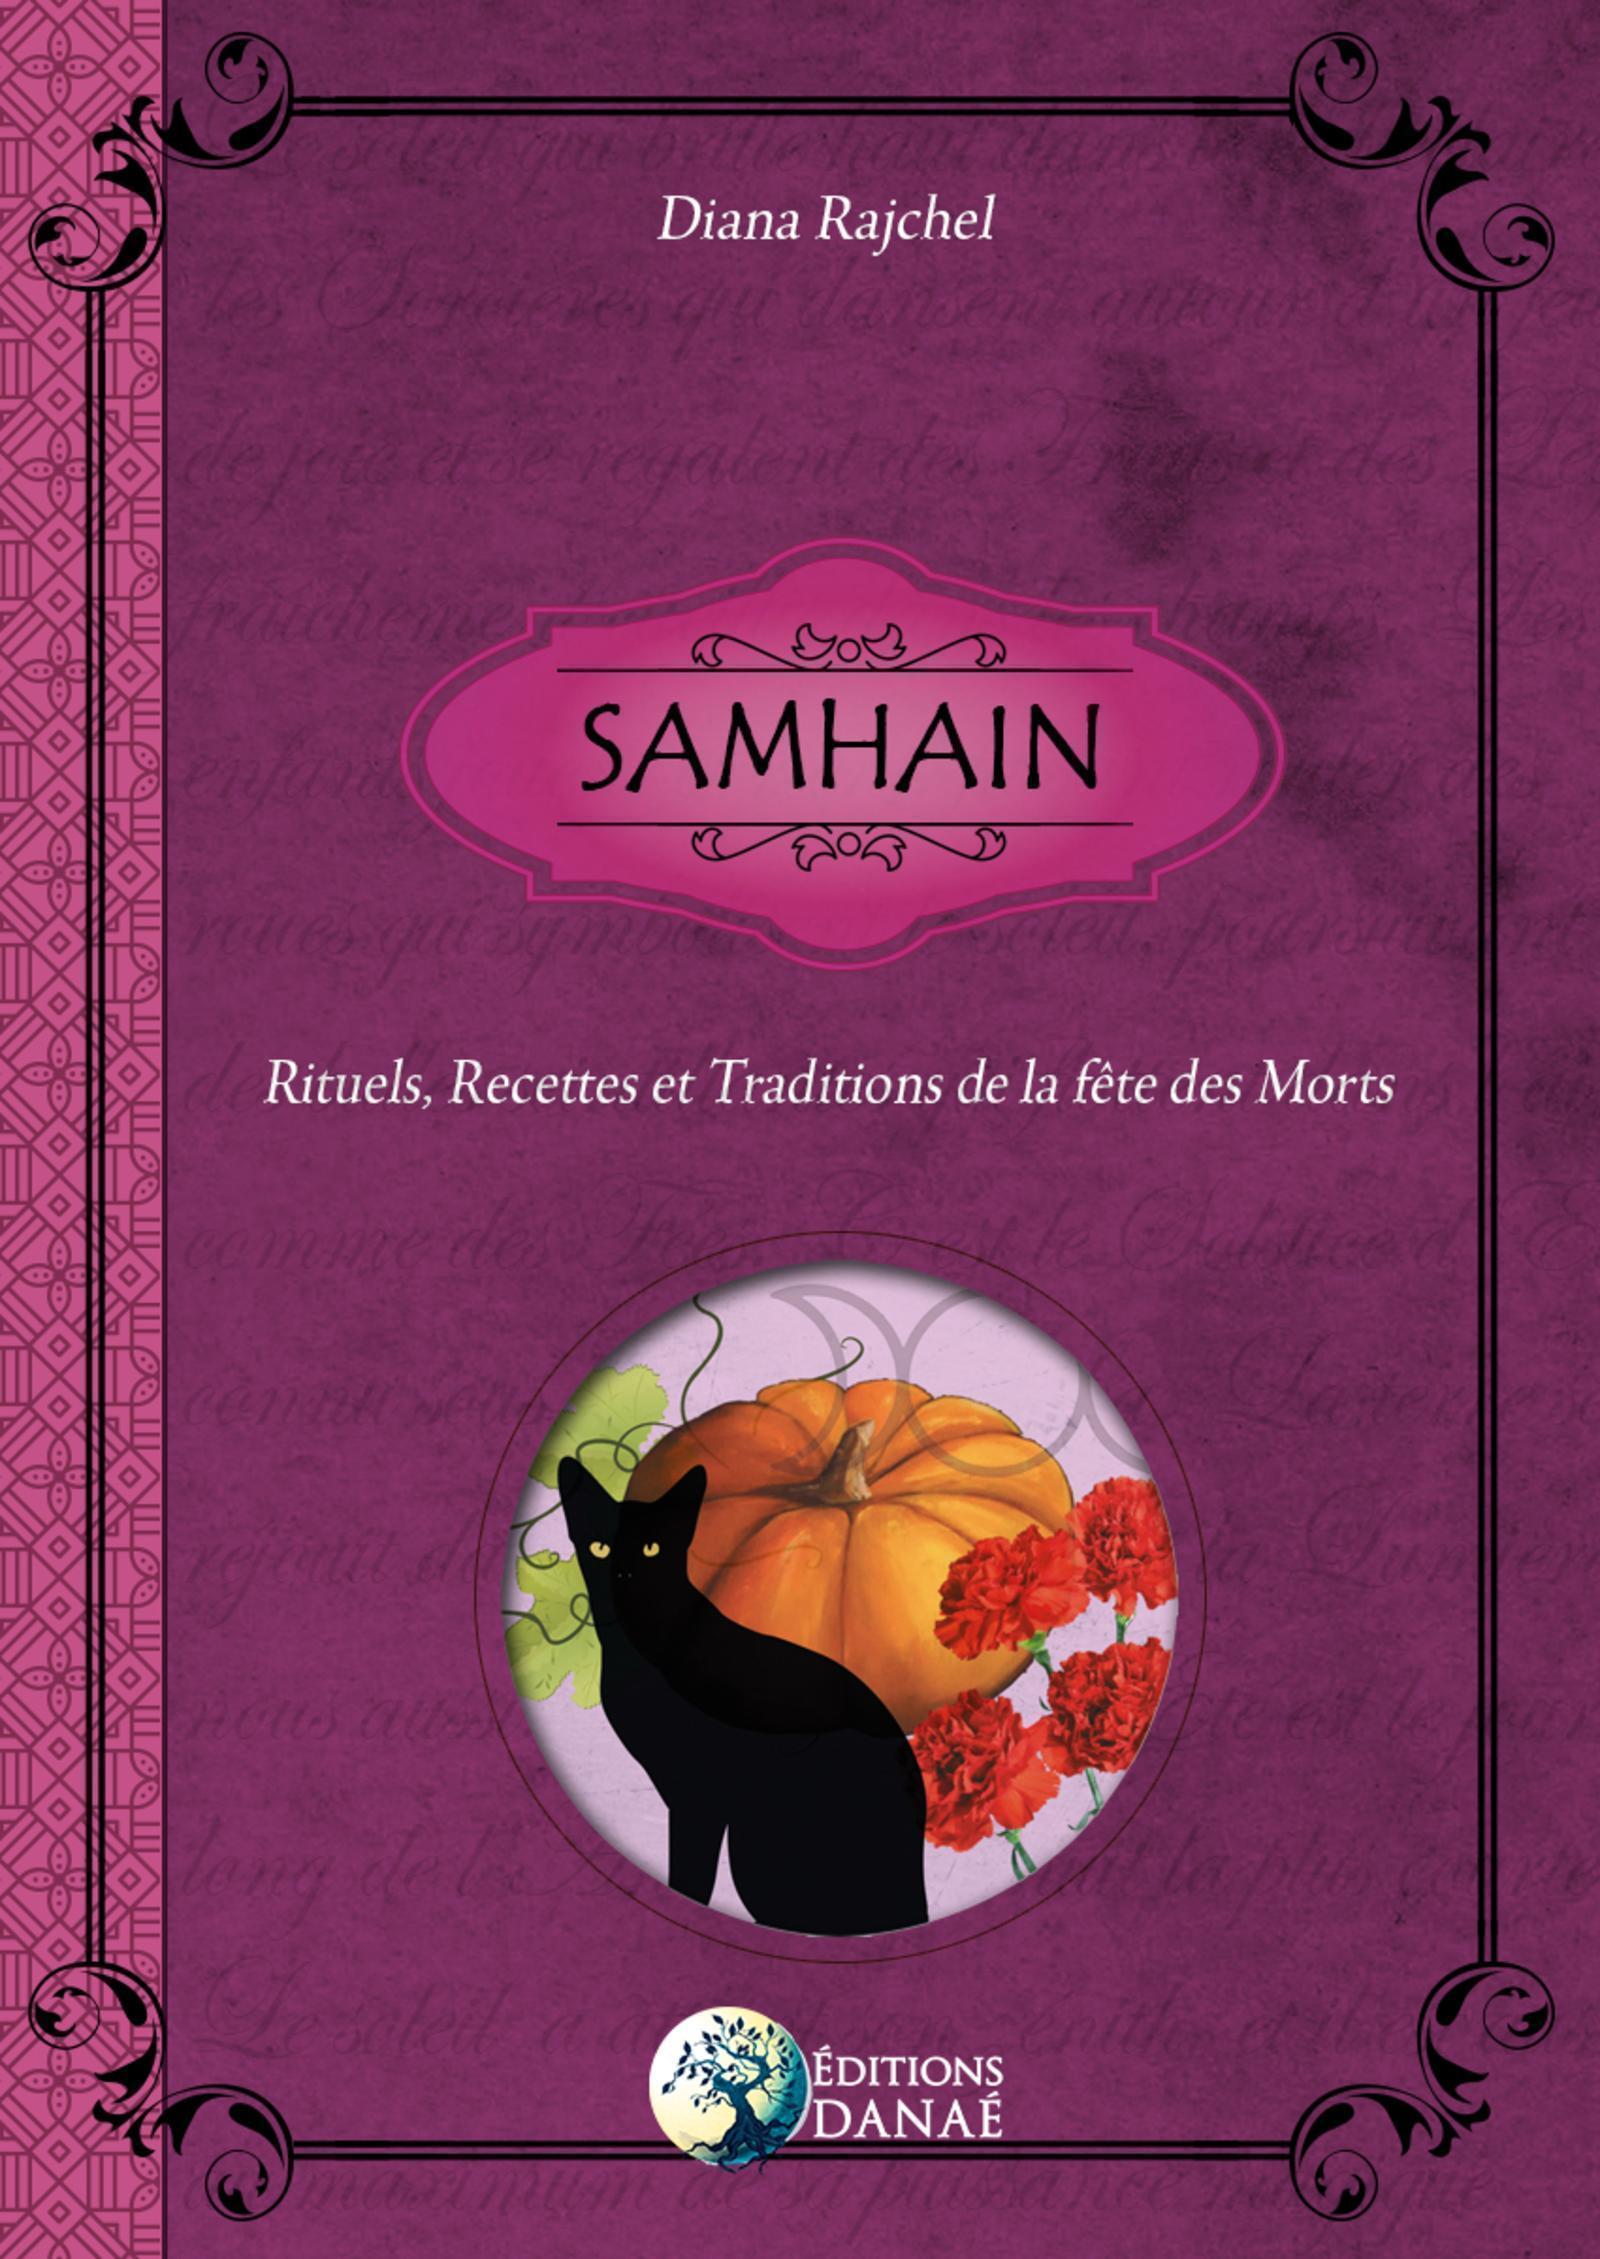 SAMHAIN - RITUELS, RECETTES ET TRADITIONS DE LA FETE DES MORTS